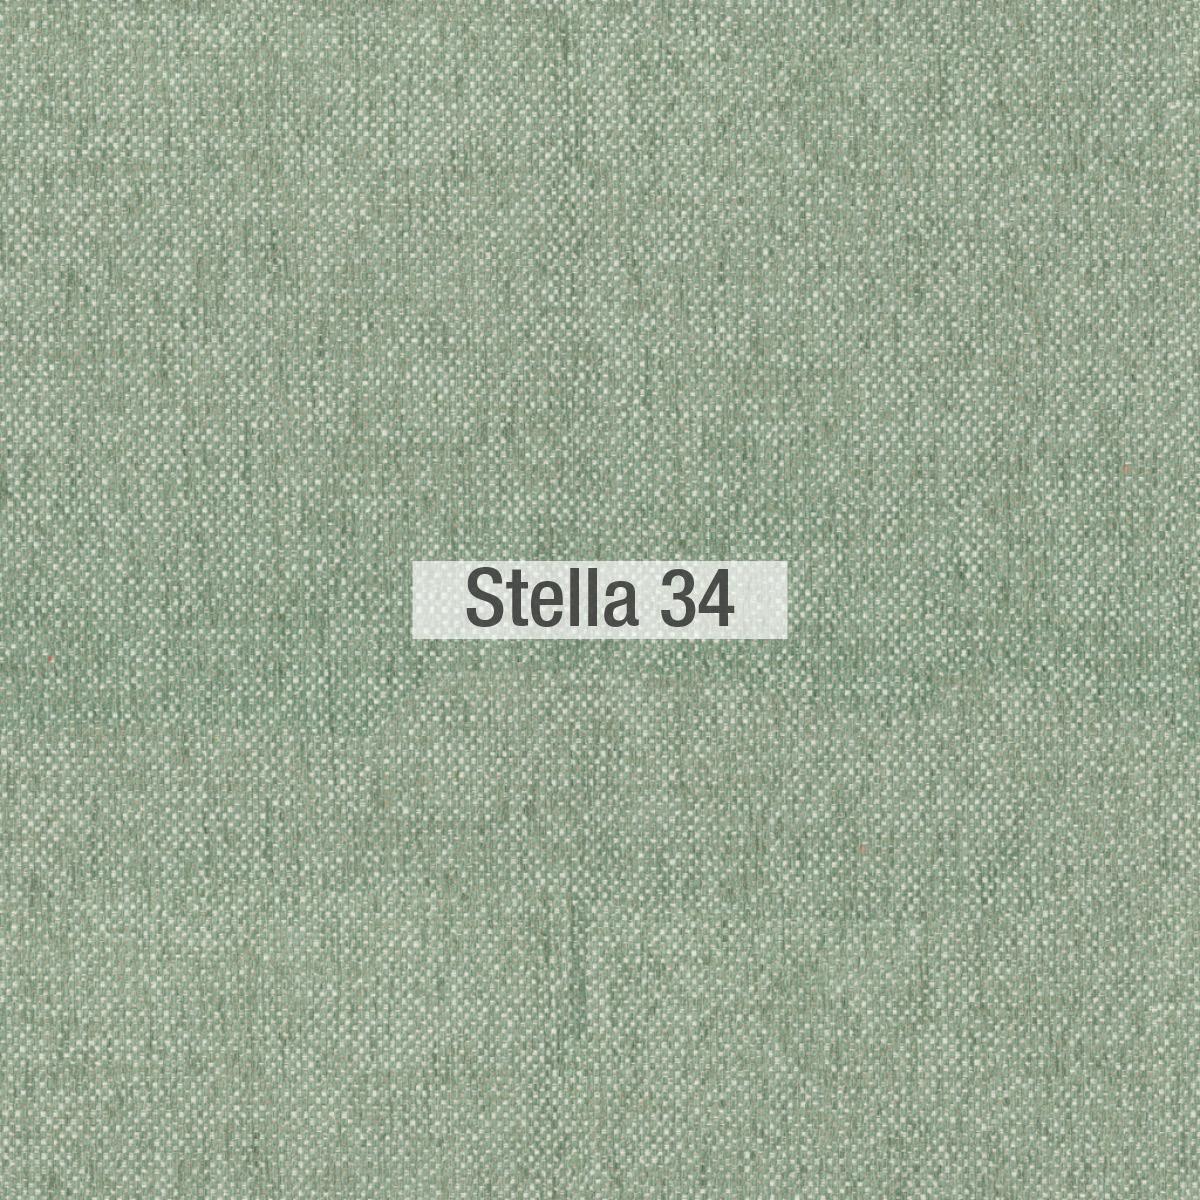 Colores Stella-Dots tela Fama 2020 04